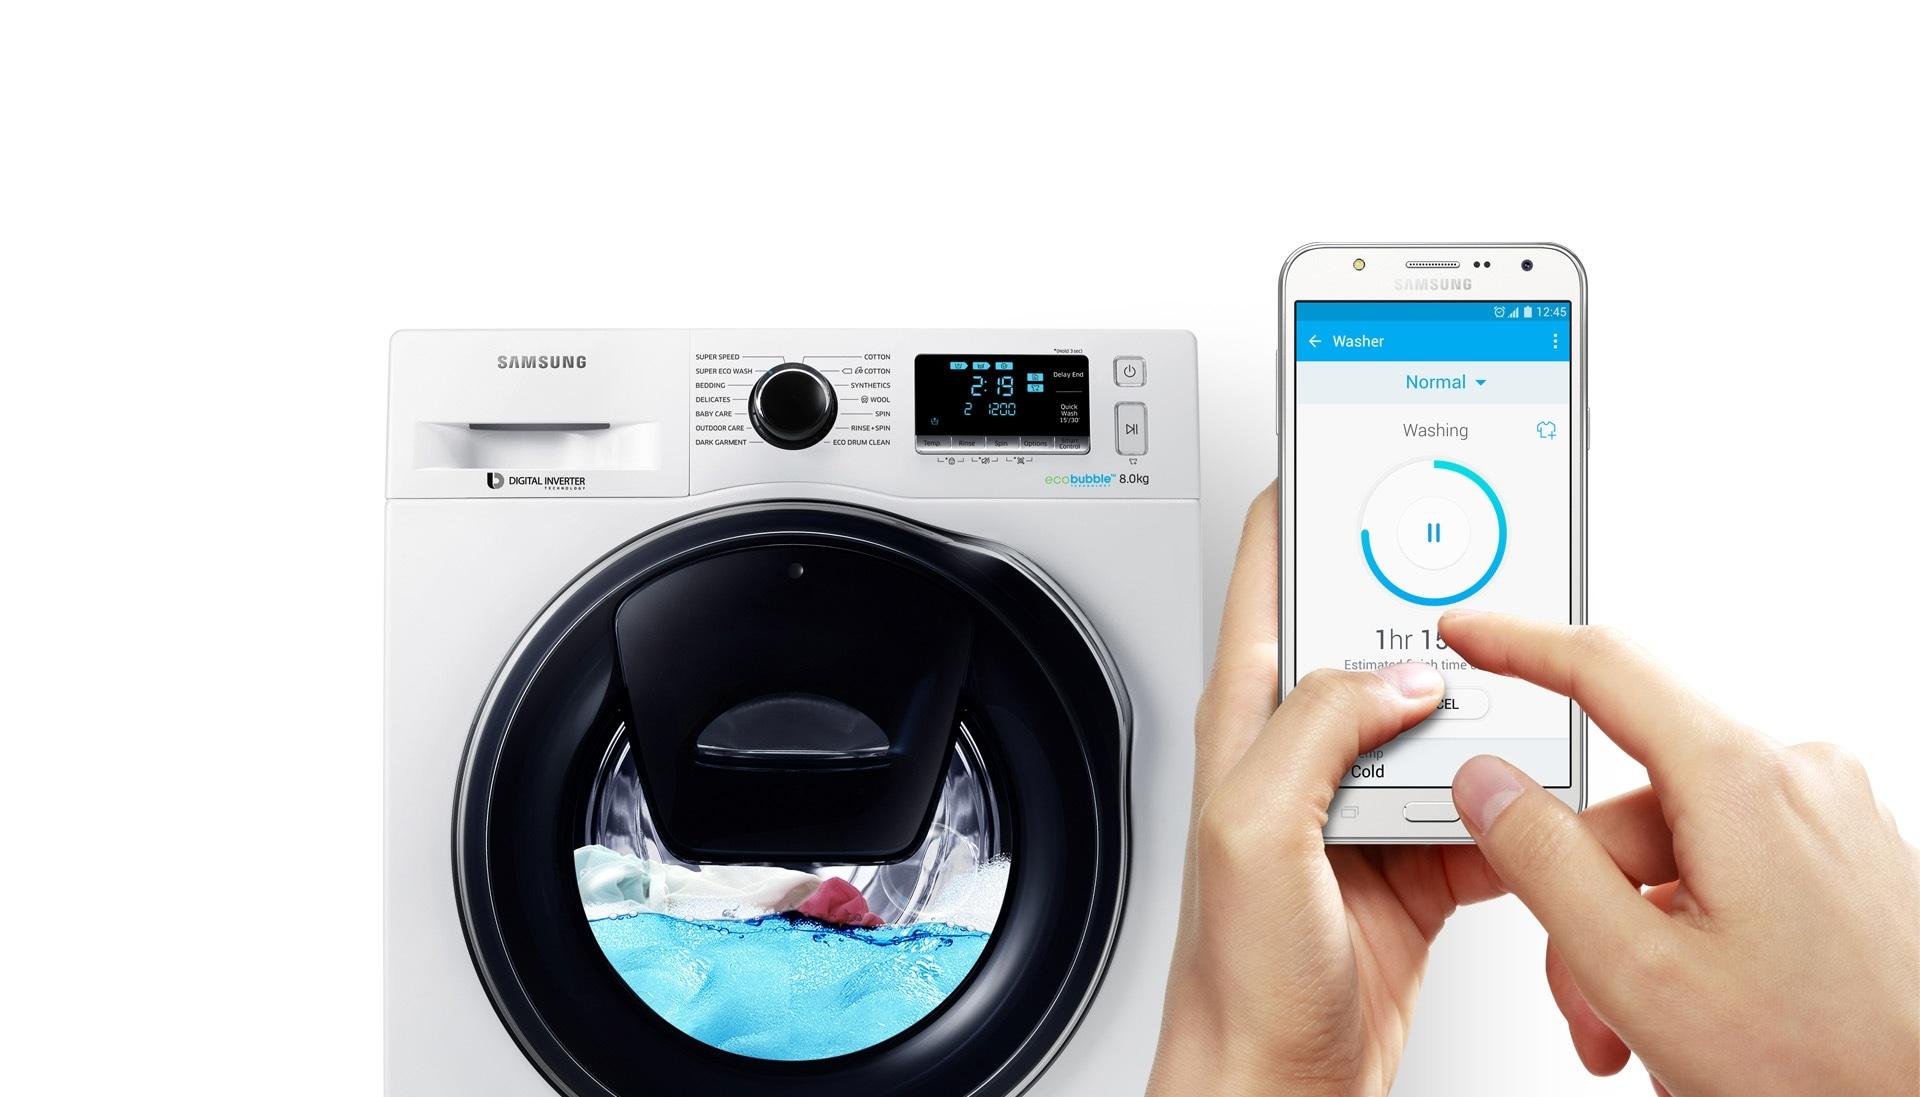 Χρήστης διακόπτει τη λειτουργία του WW6500 στο μέσο ενός κύκλου πλύσης, χρησιμοποιώντας τη λειτουργία Smart Control μέσω της εφαρμογής που έχει εγκαταστήσει στο Smartphone του.